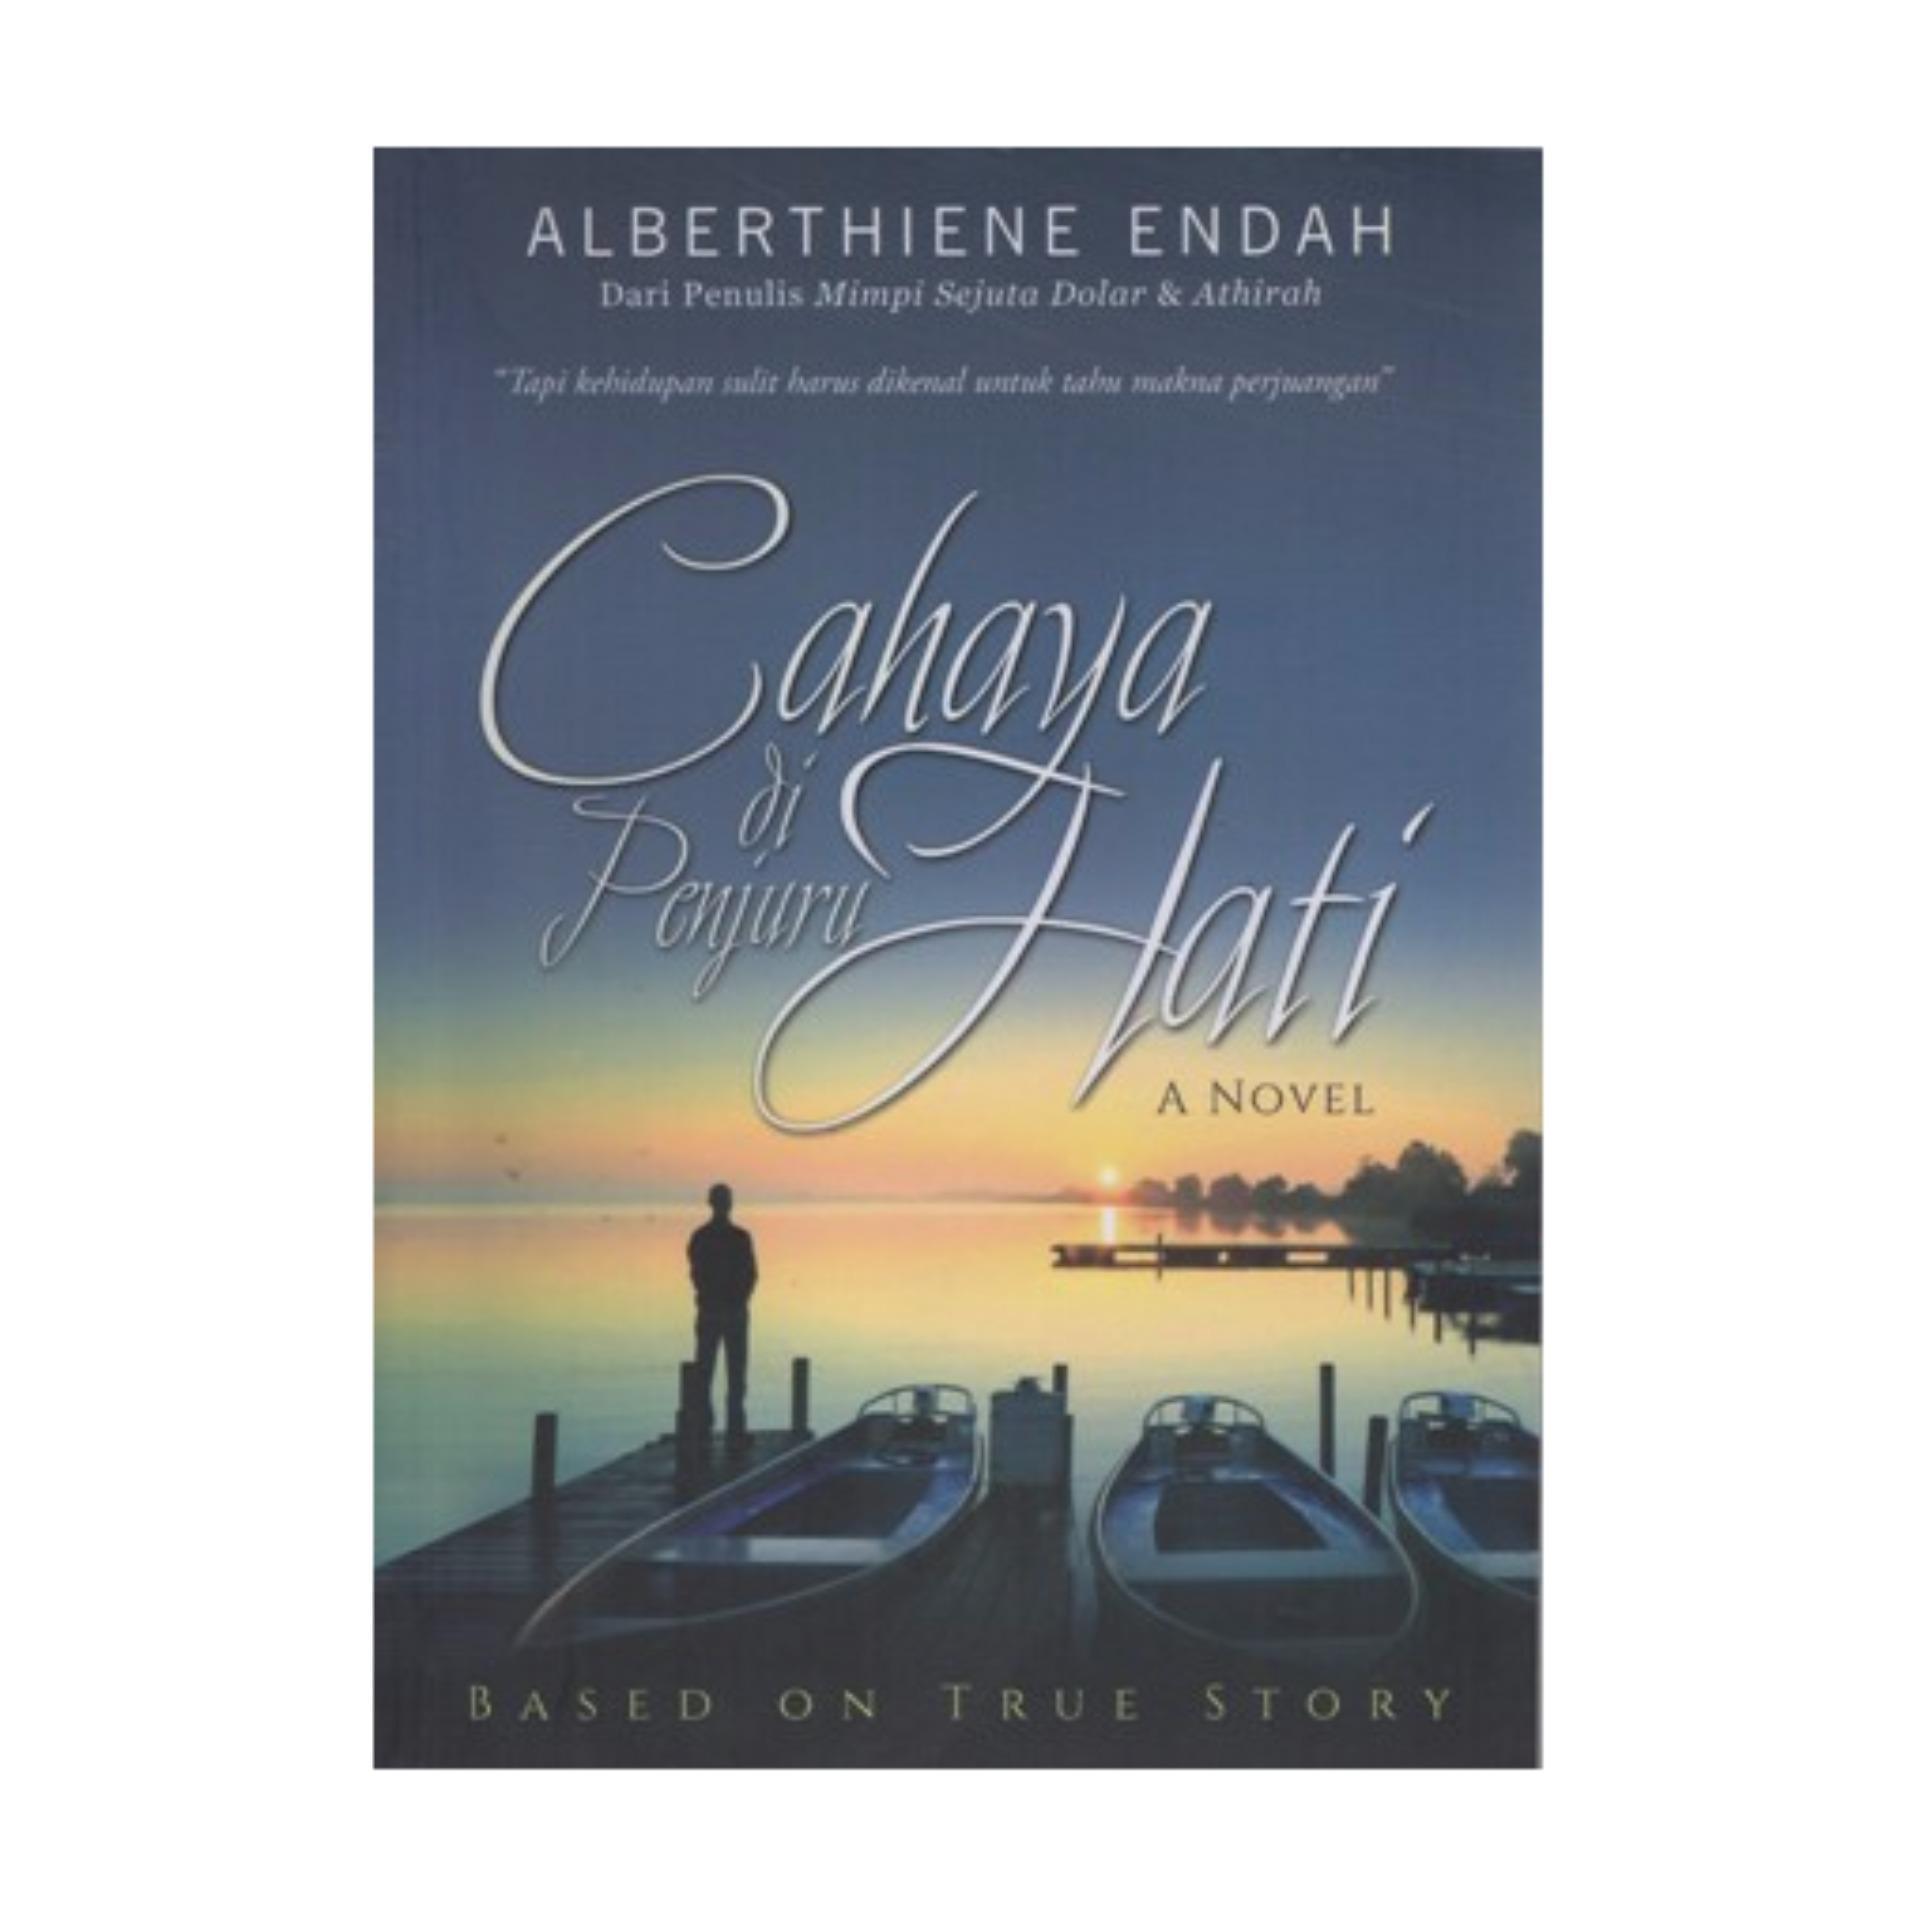 CAHAYA DI PENJURU HATI (A Novel), Albertiene Endah .